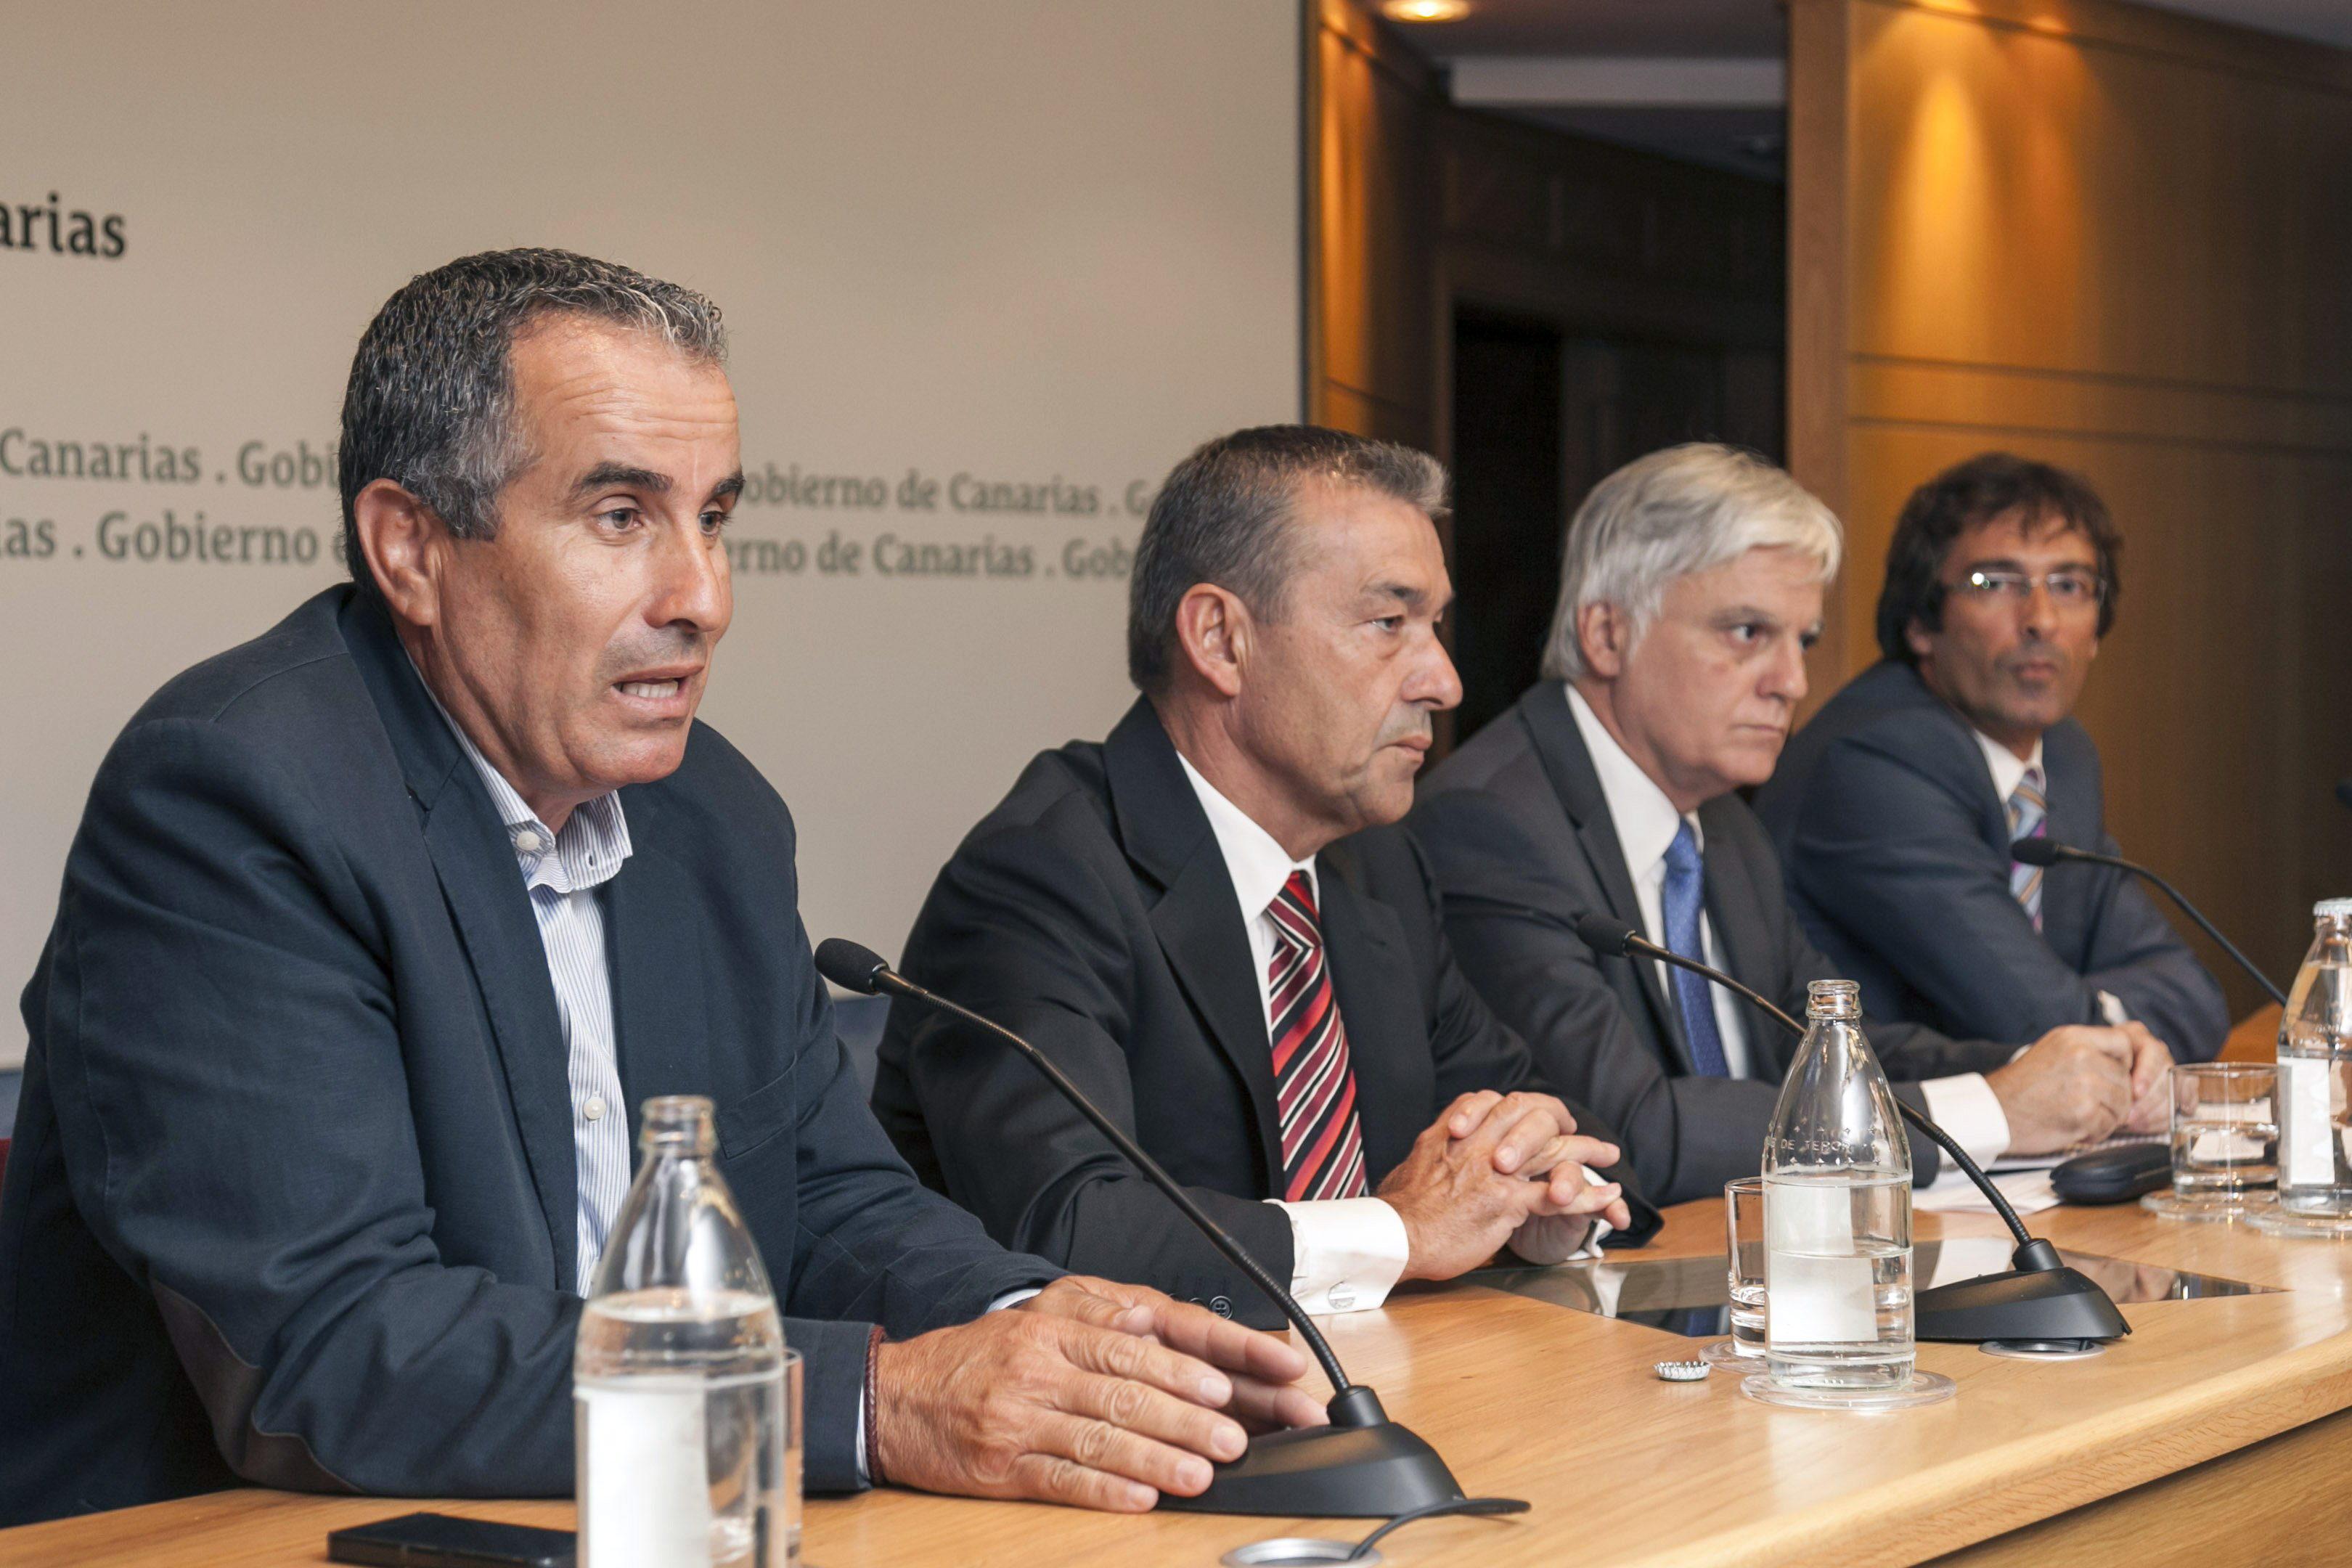 Rivero y los cabildos piden unidad frente a Repsol y a su «empleado del año»